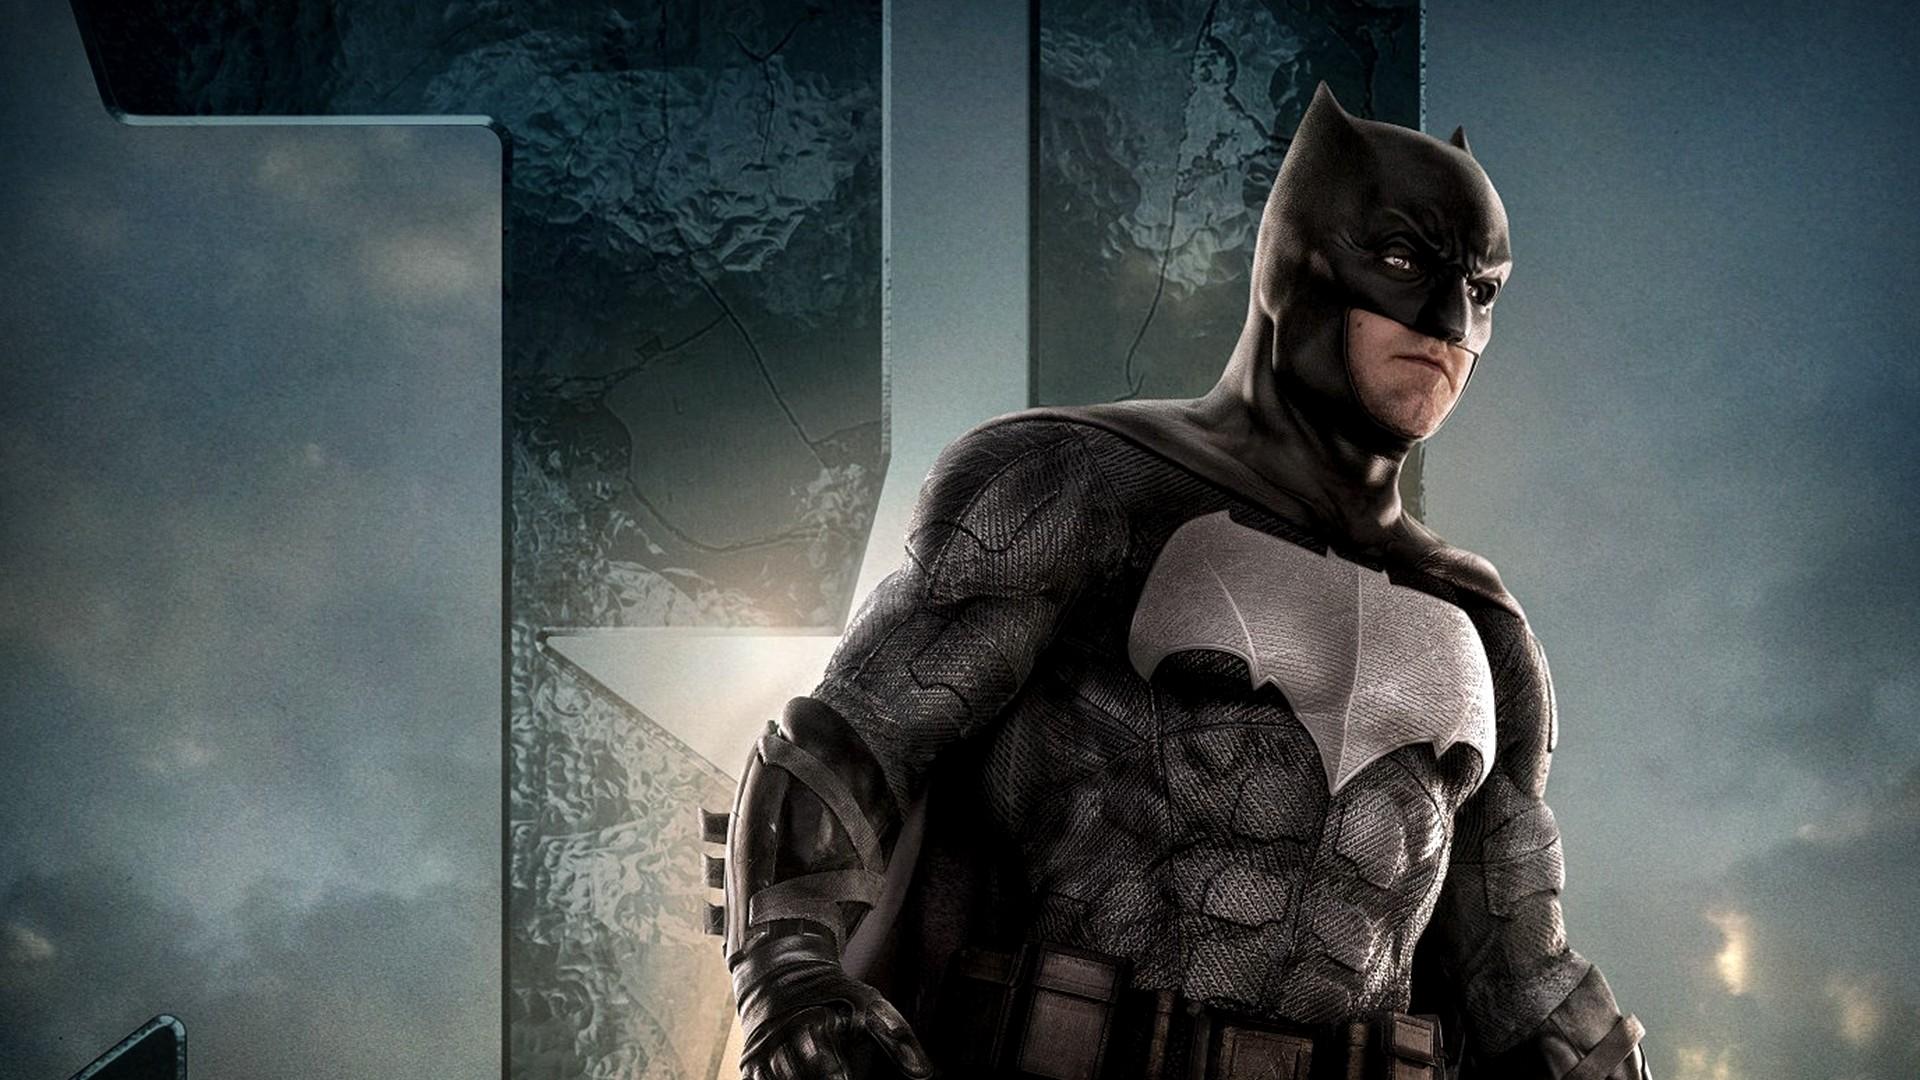 Wallpaper 1920x1080 Px Batman Justice League Justice League